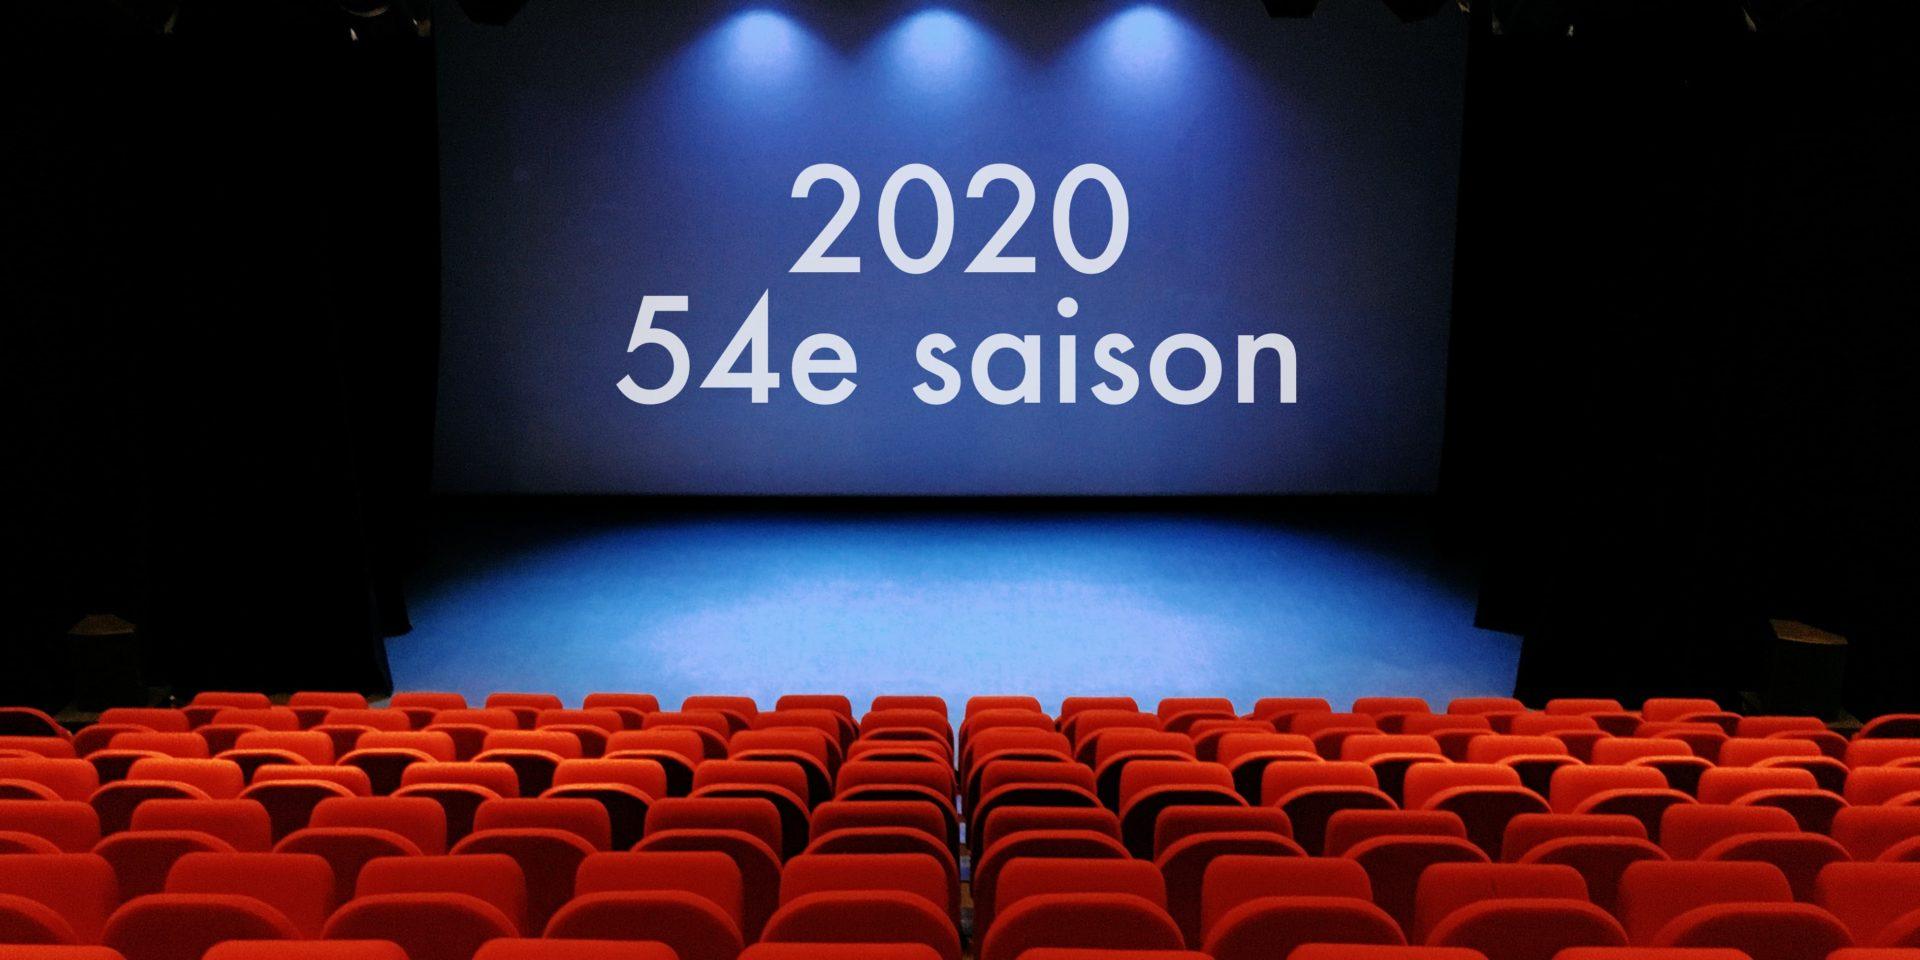 2020 – 54e saison